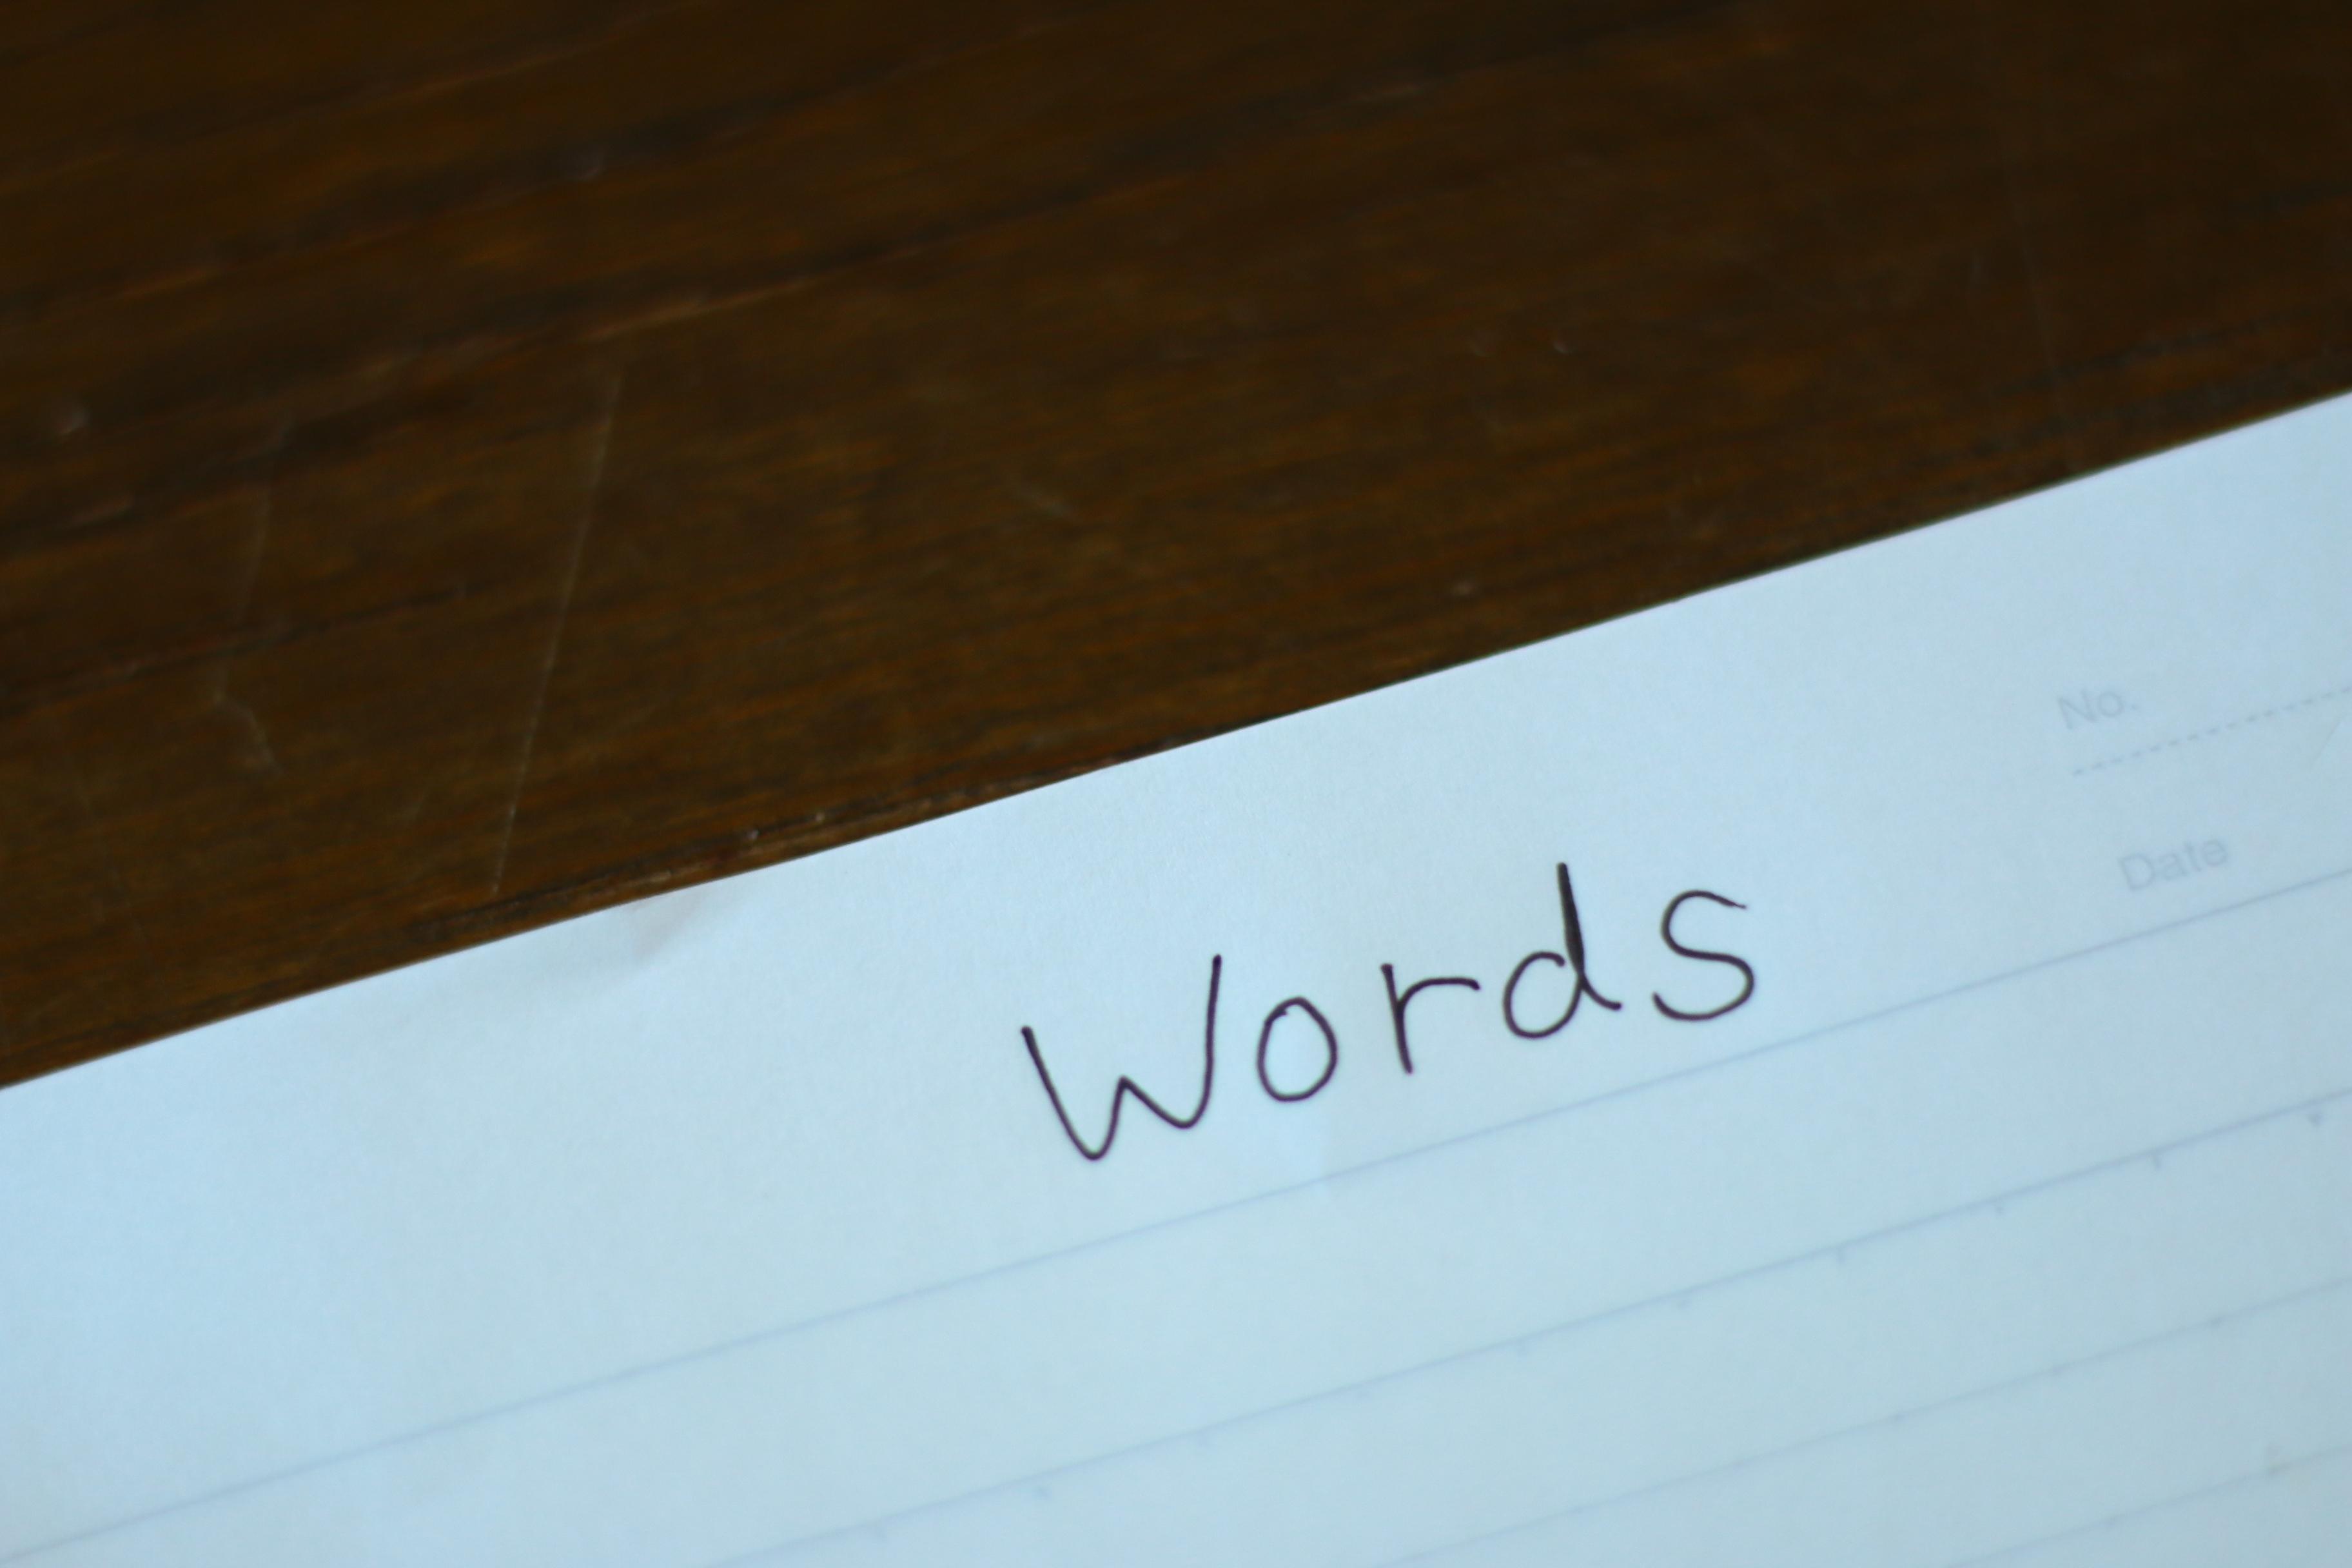 紙にwordsと書いている写真